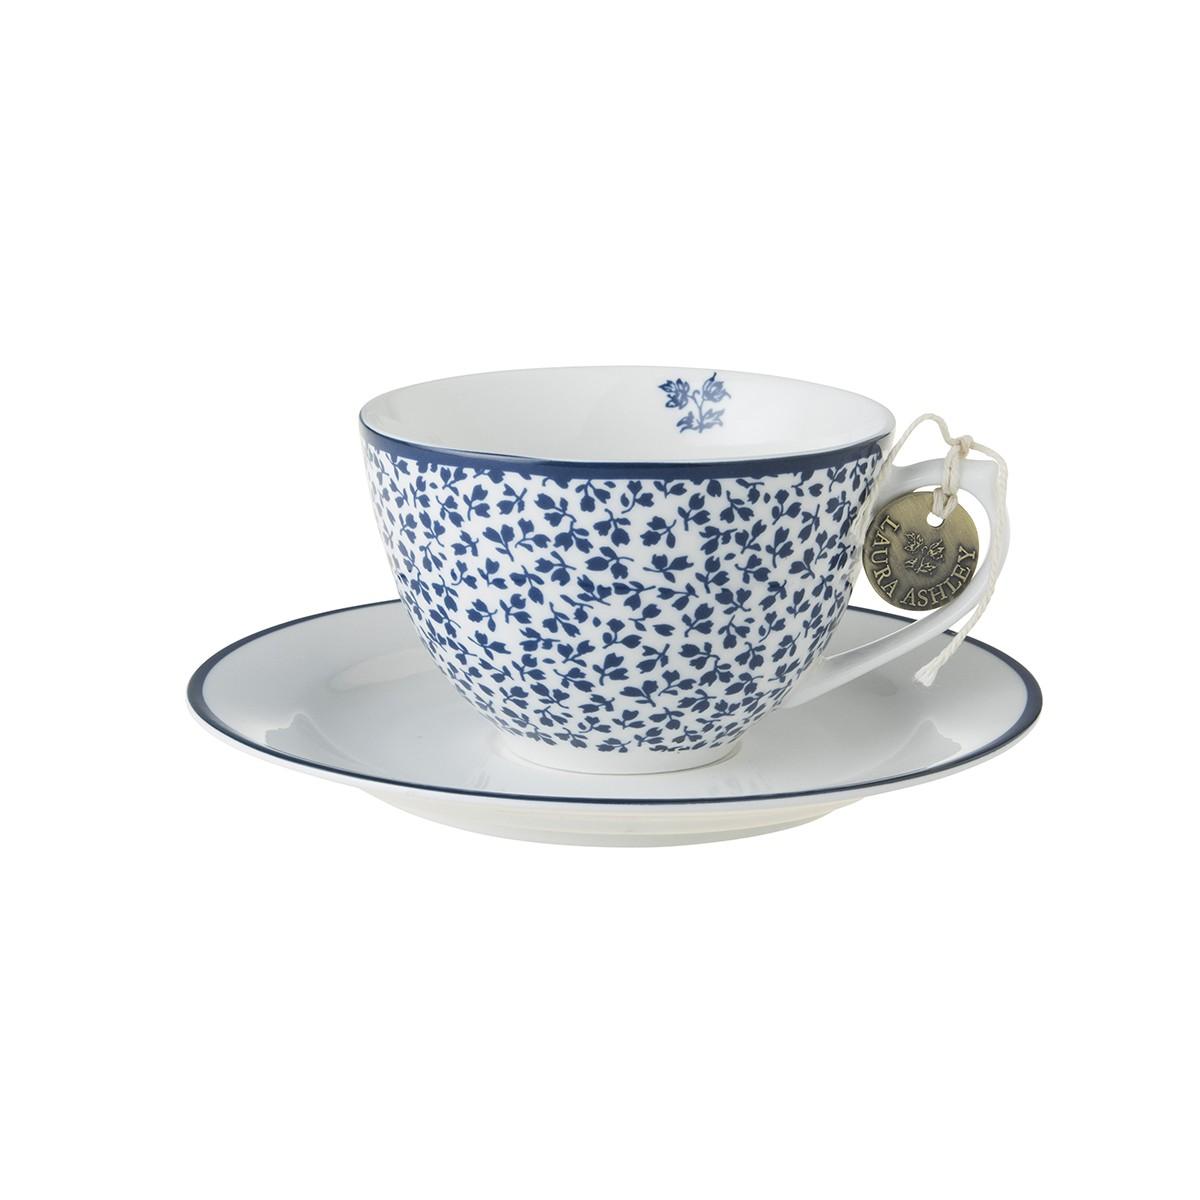 Φλιτζάνι Τσαγιού Laura Ashley Floris Fine Bone China home   ειδη cafe τσαϊ   κούπες   φλυτζάνια